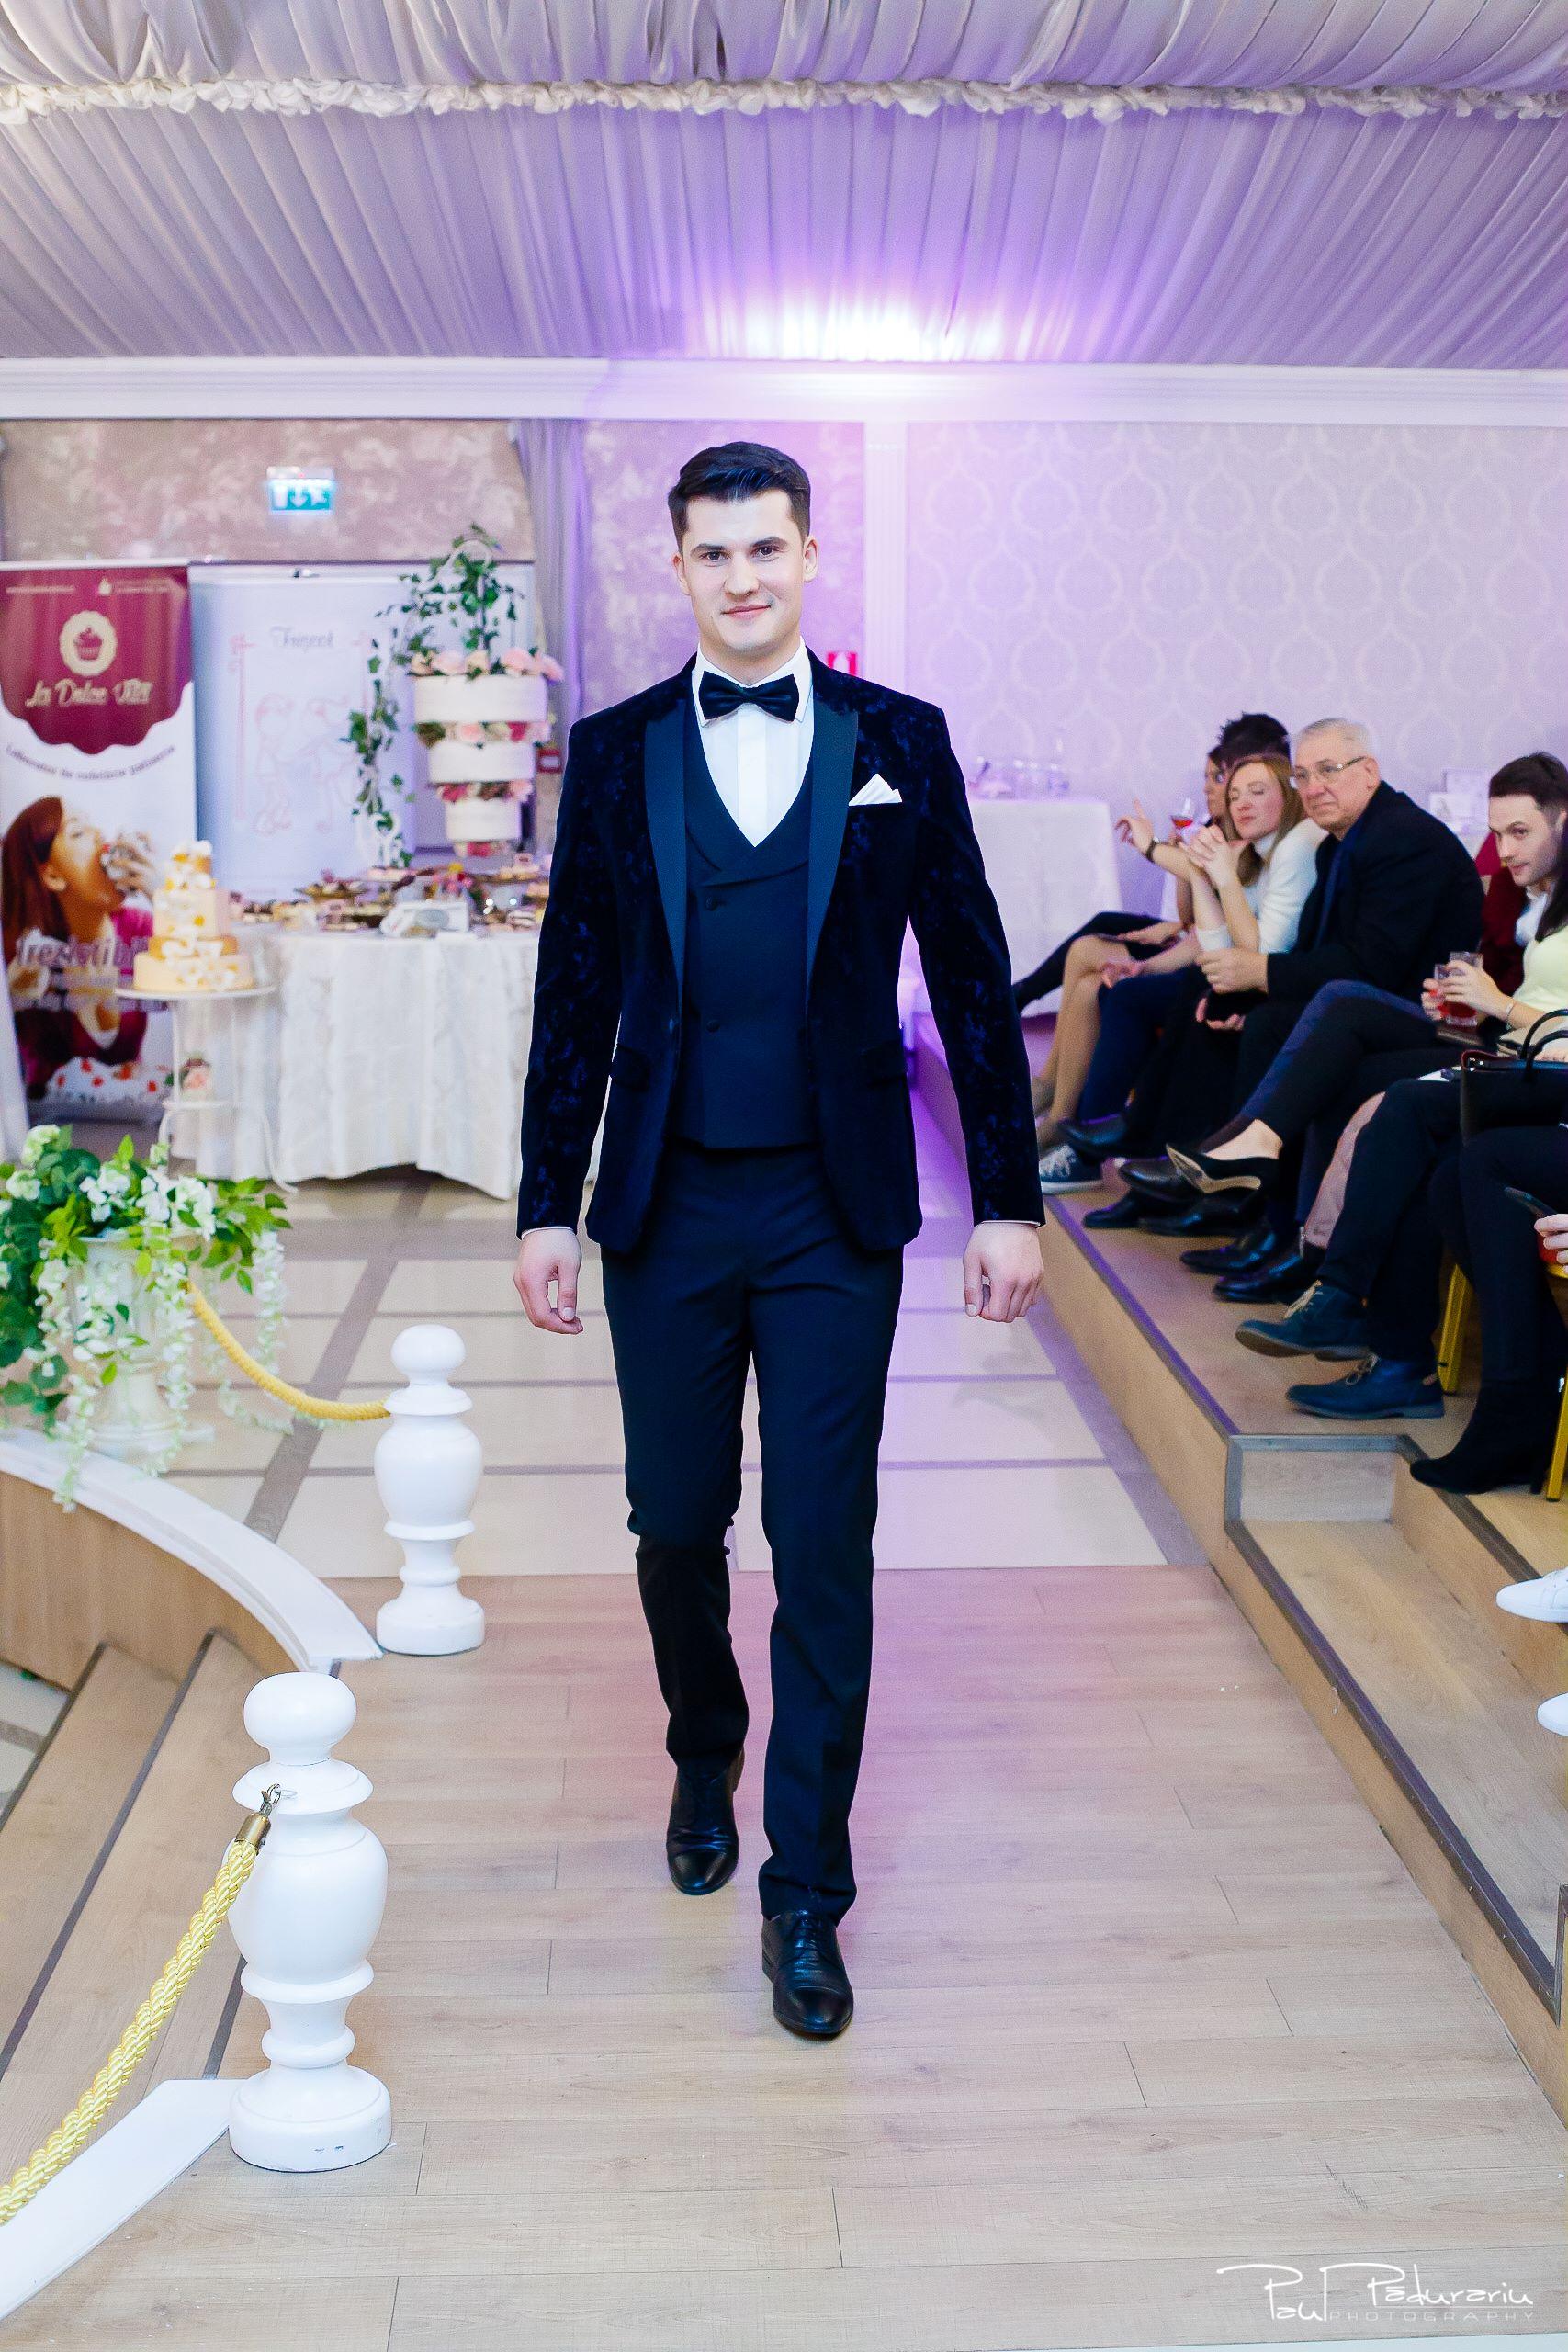 Seroussi | Producător și distribuitor de costume bărbătești colectia 2019 - costum mire - paul padurariu fotograf nunta iasi www.paulpadurariu.ro 14